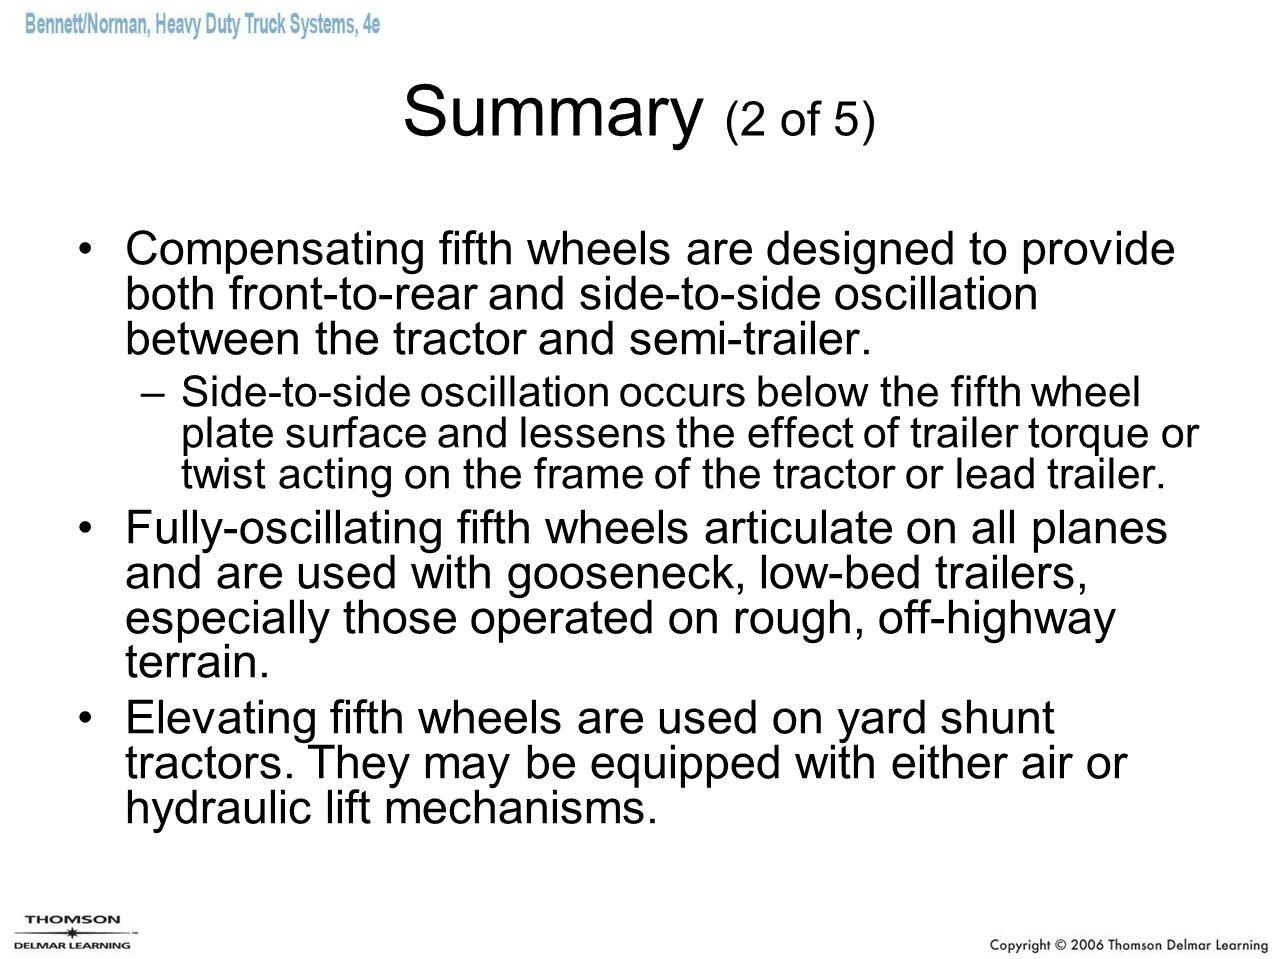 Summary (2 of 5)